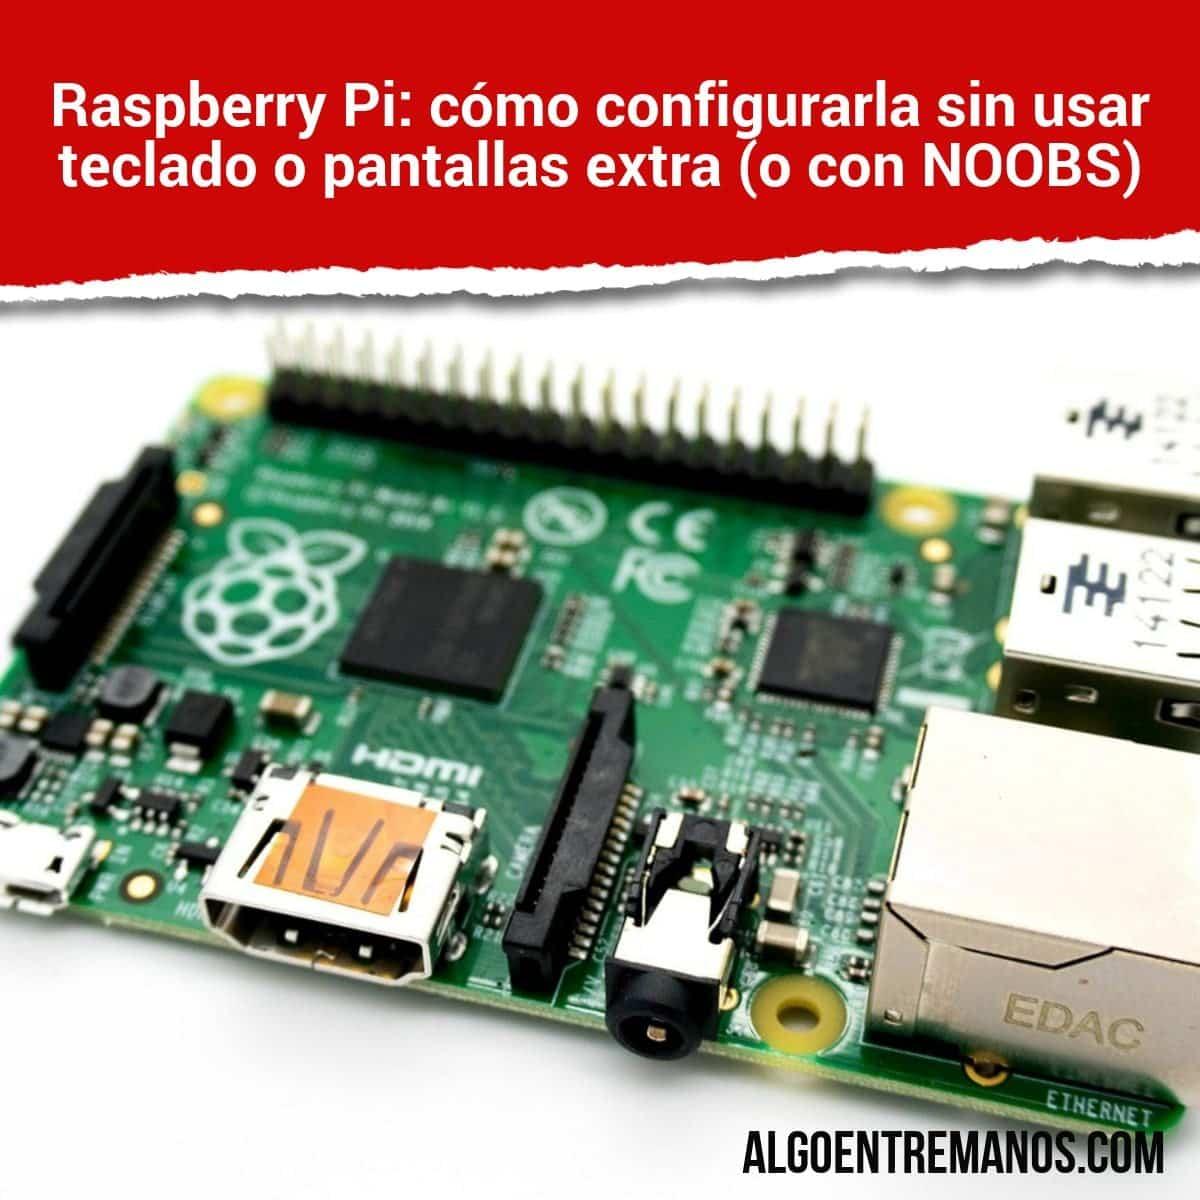 Raspberry Pi: cómo configurarla sin usar teclado o pantallas extra (o con NOOBS)